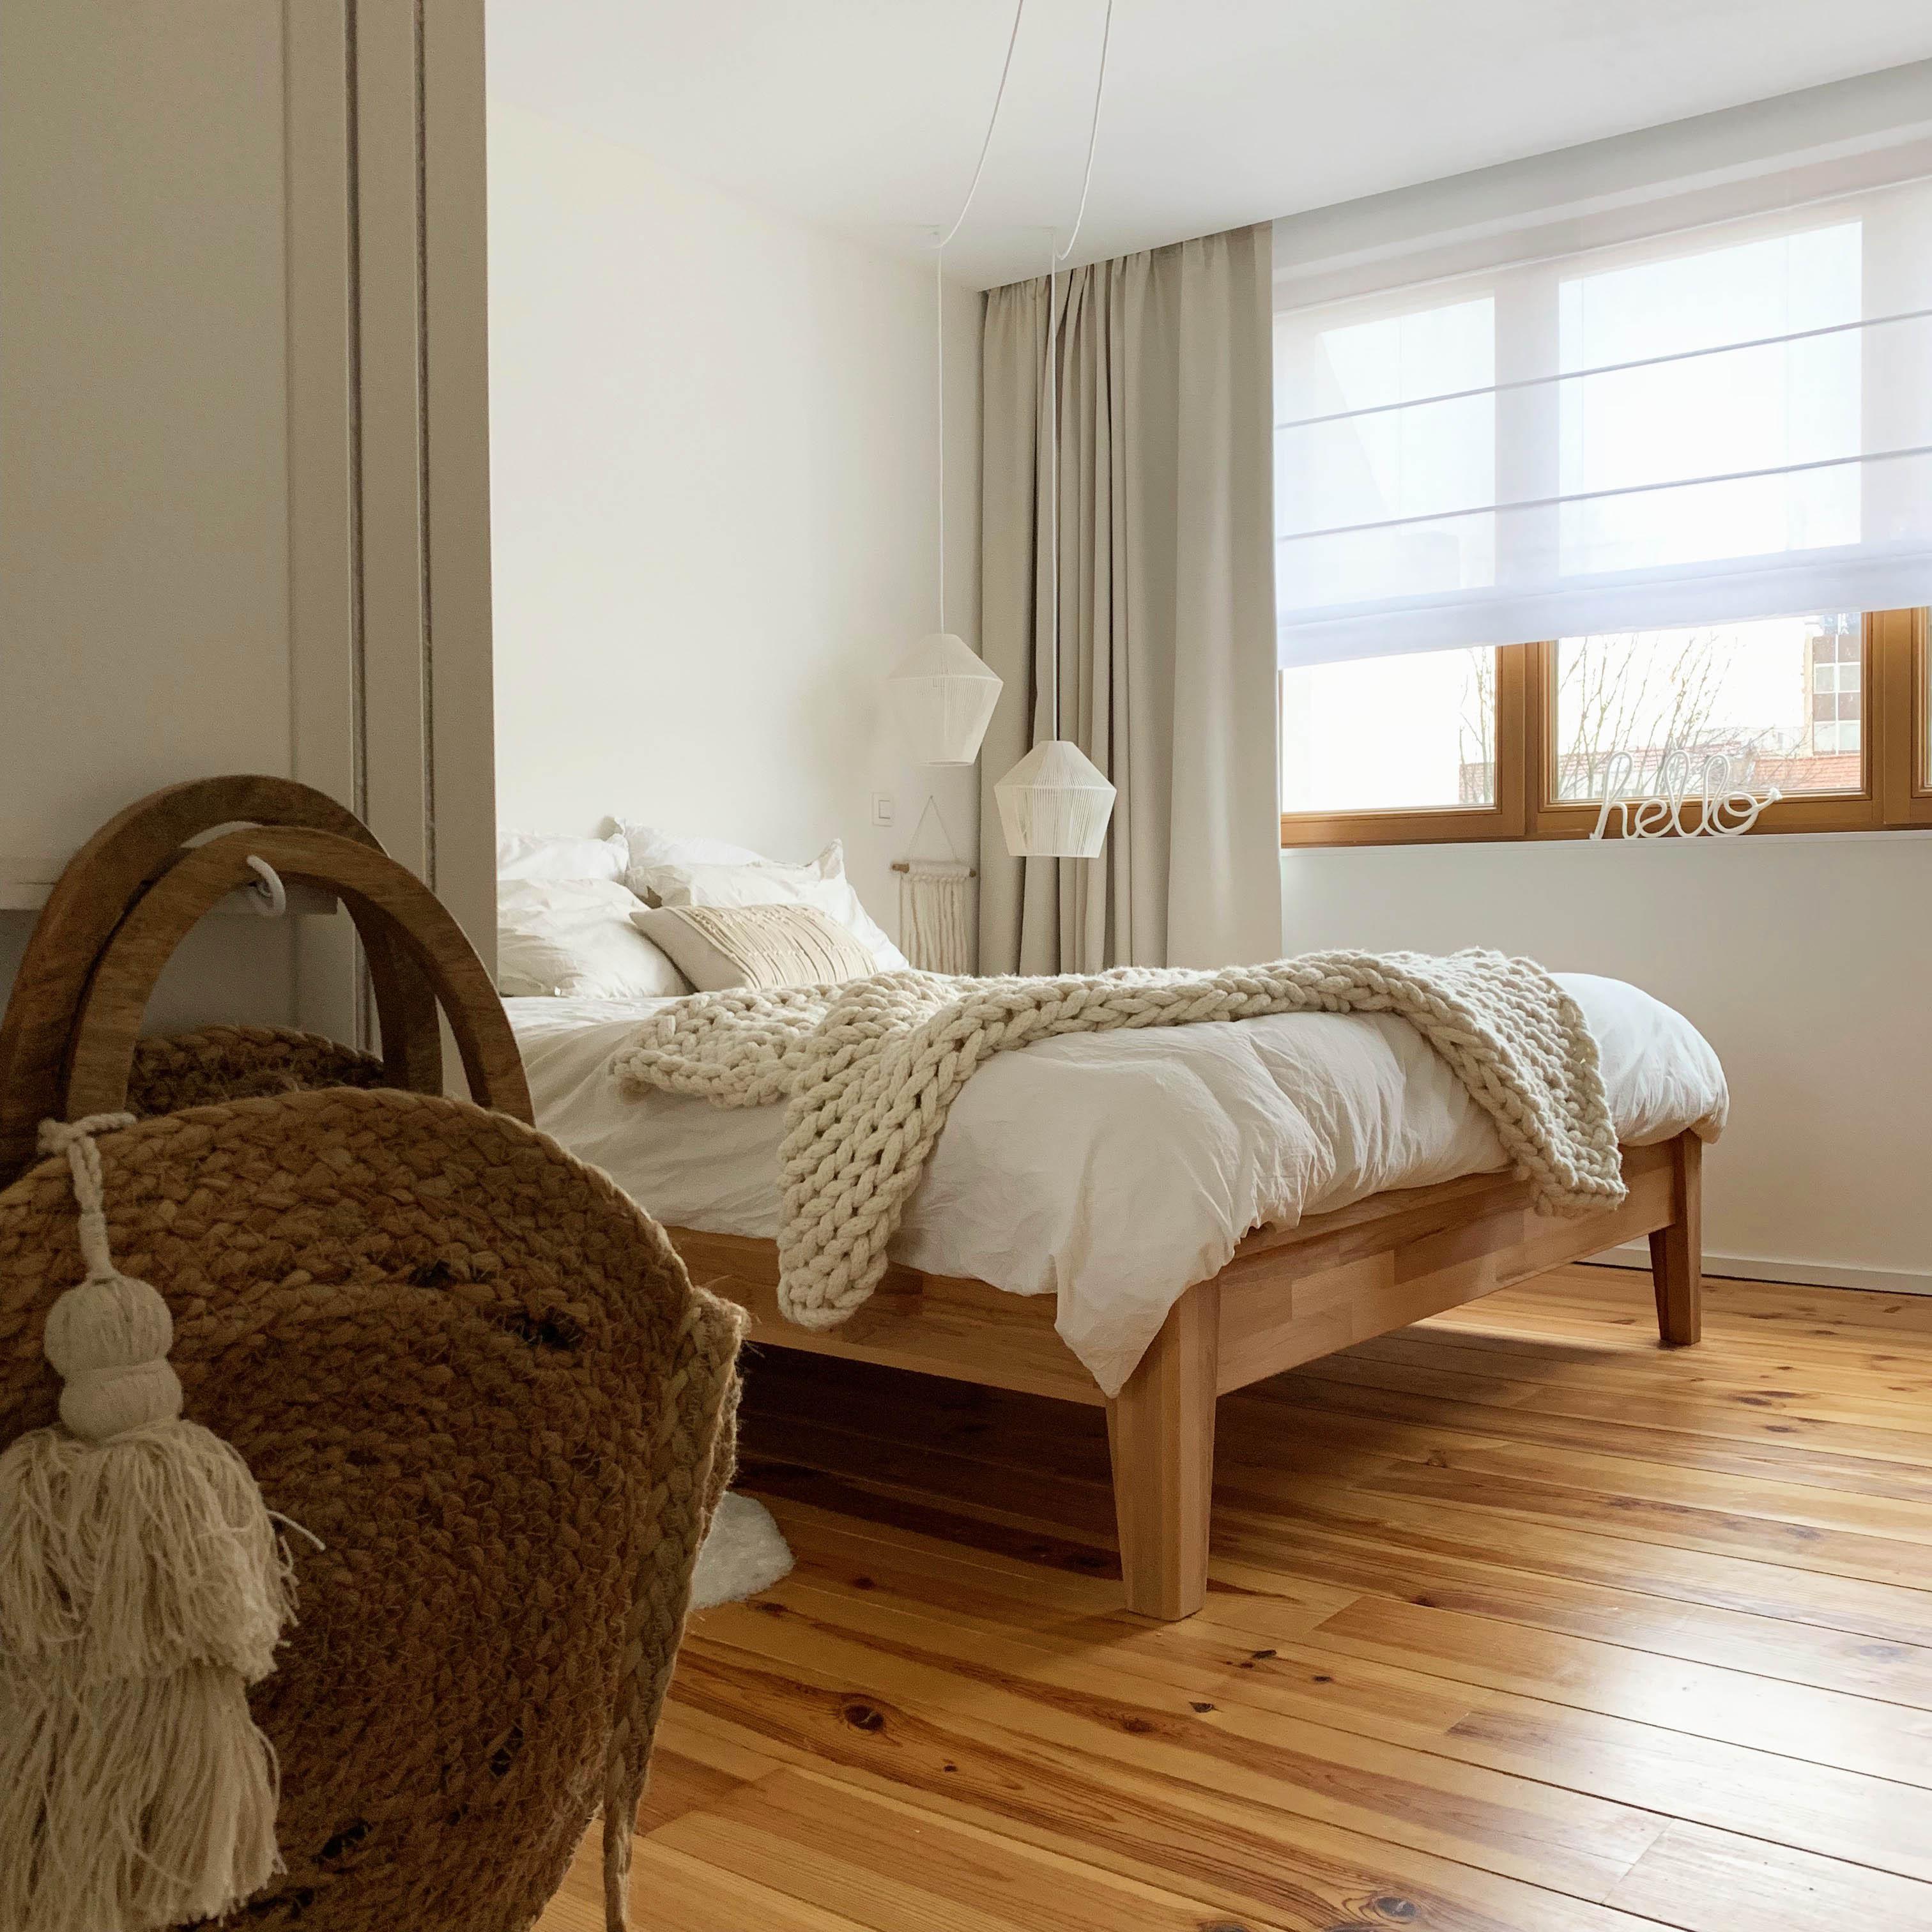 pierre-papier-ciseaux-rideaux-chambre-heytens-apres-1